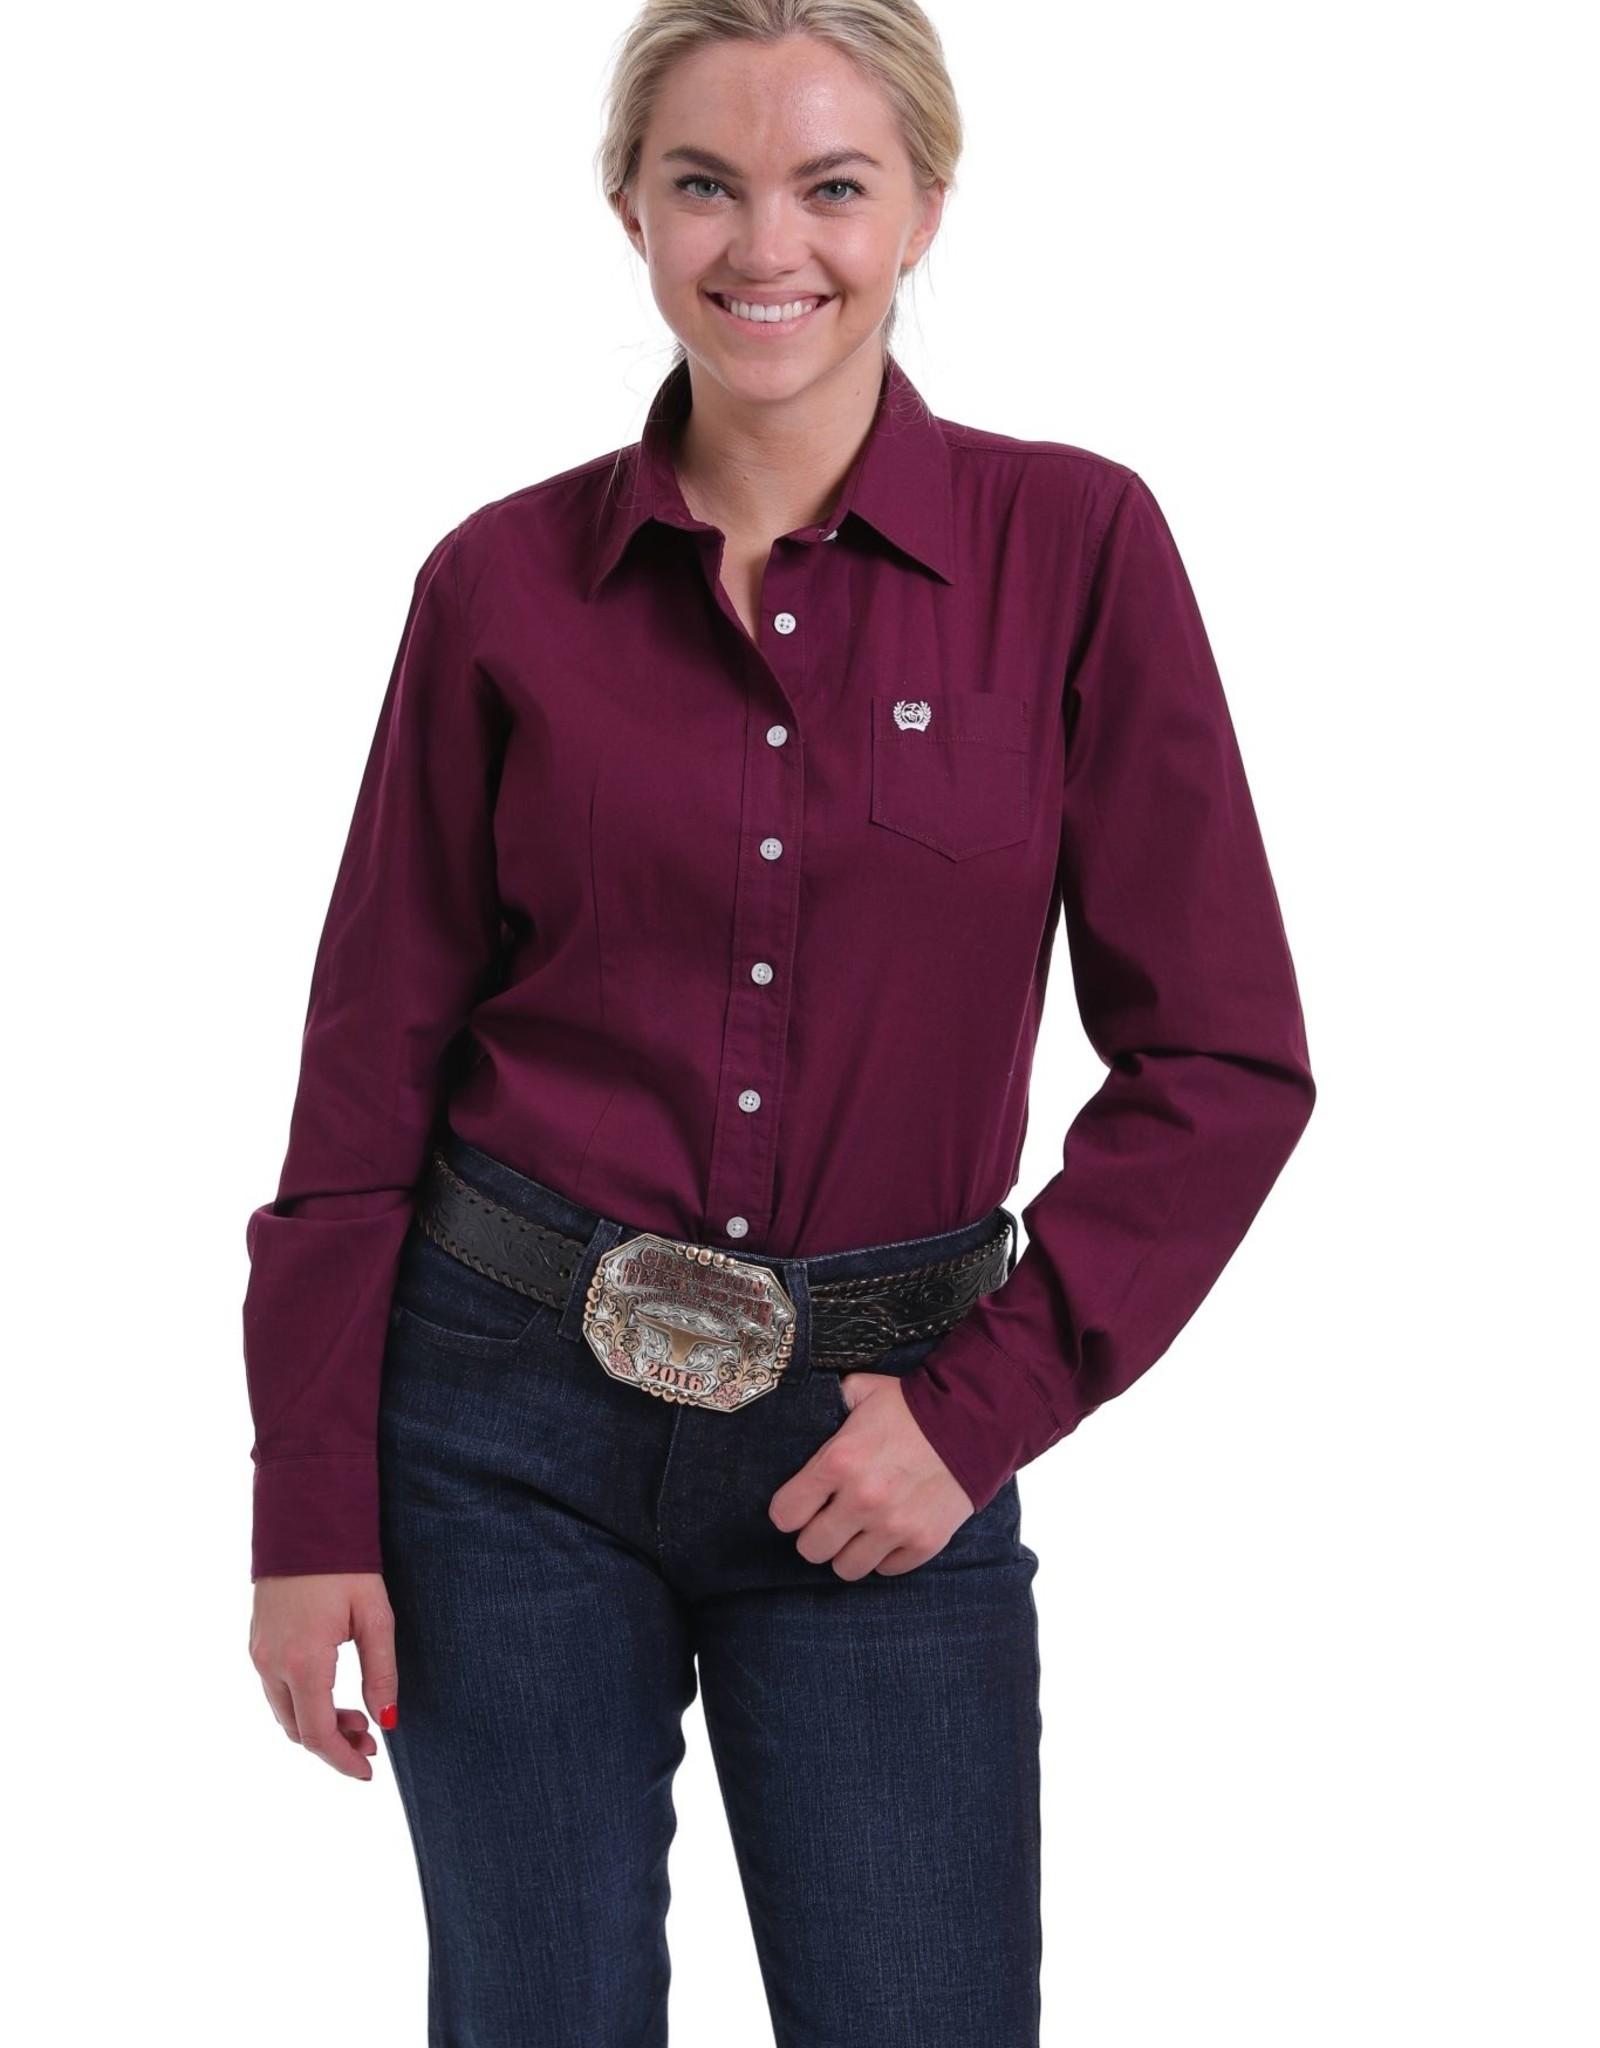 Cinch Womens Cinch Solid Burgundy Button Down Western Shirt